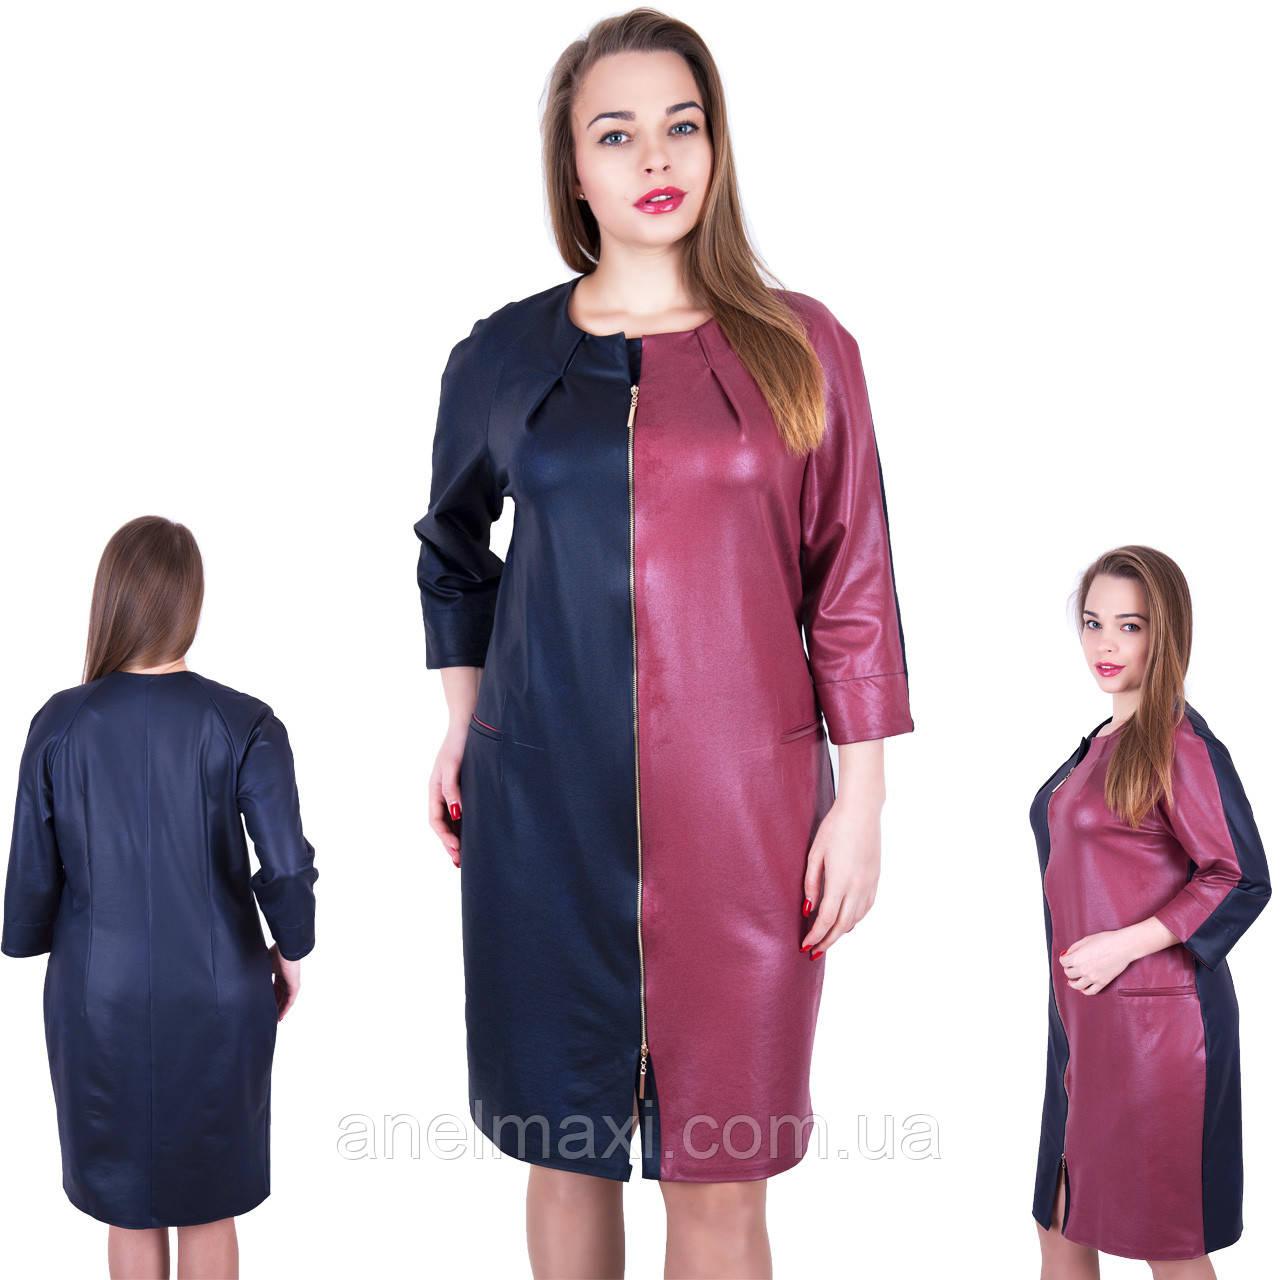 Платье 58 размера купить недорого